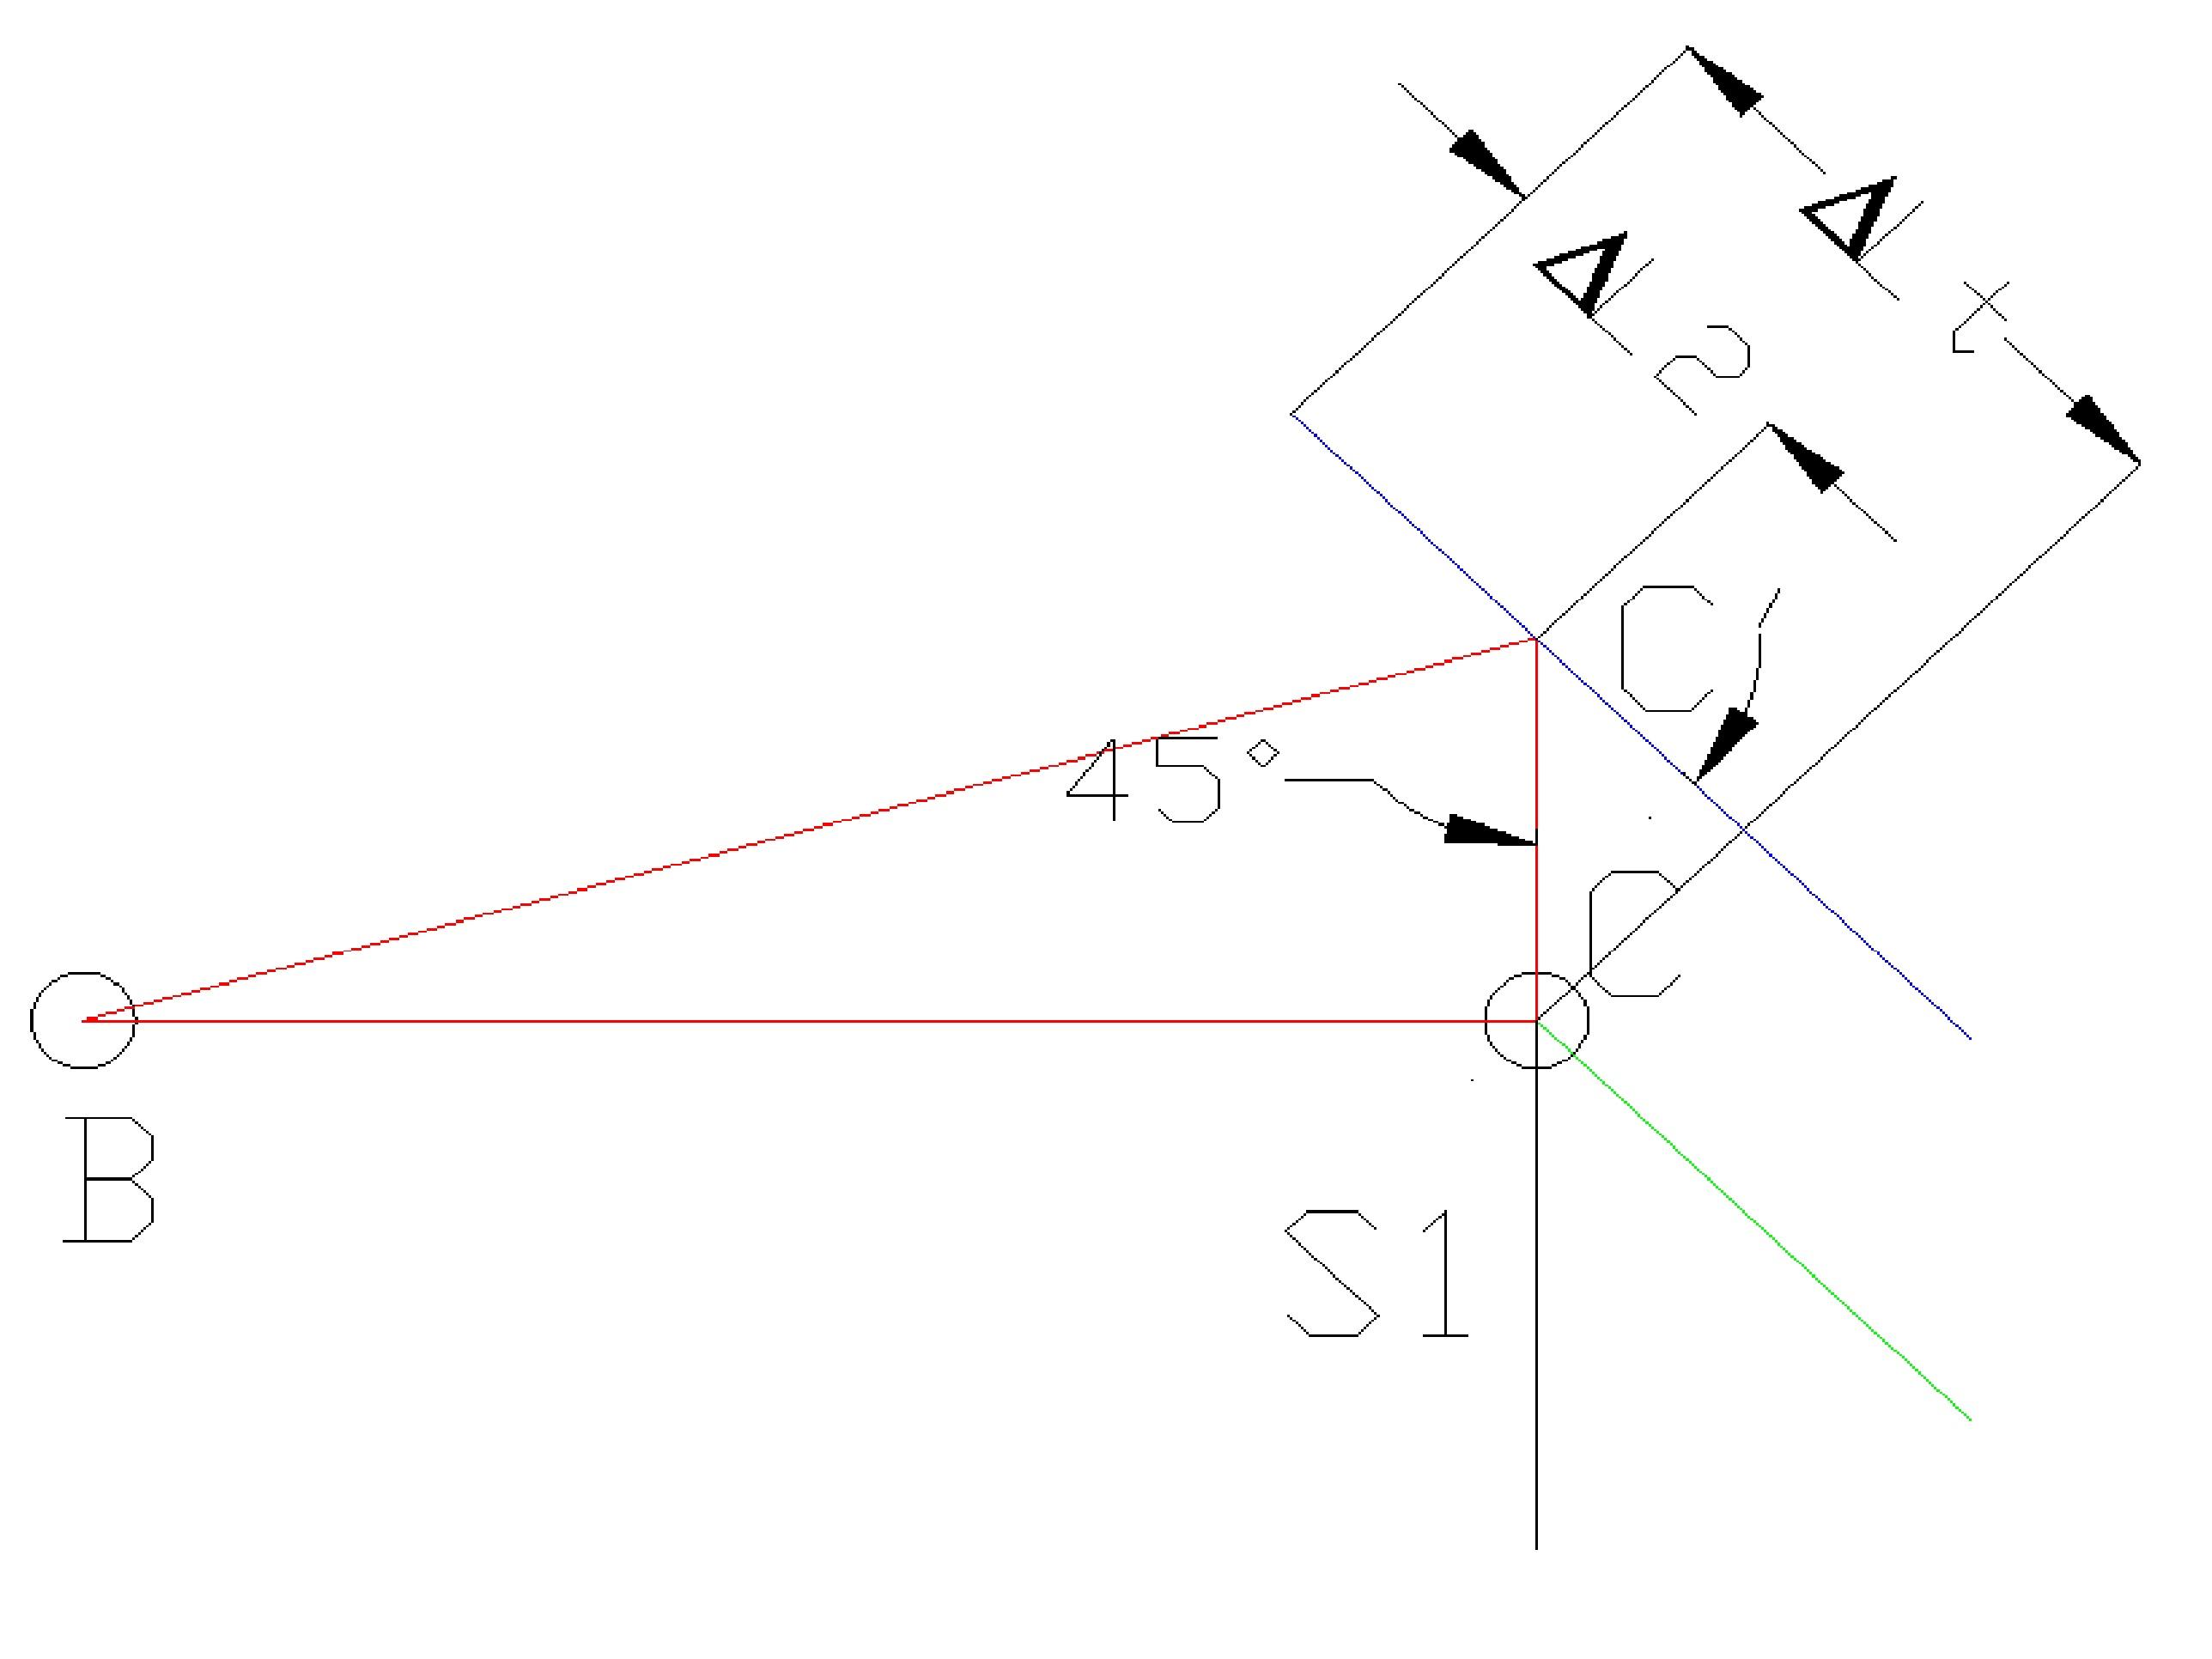 rozciaganie8 - Odkształcenie temperaturowe i układ statycznie niewyznaczalny - wytrzymałość - zadanie 18